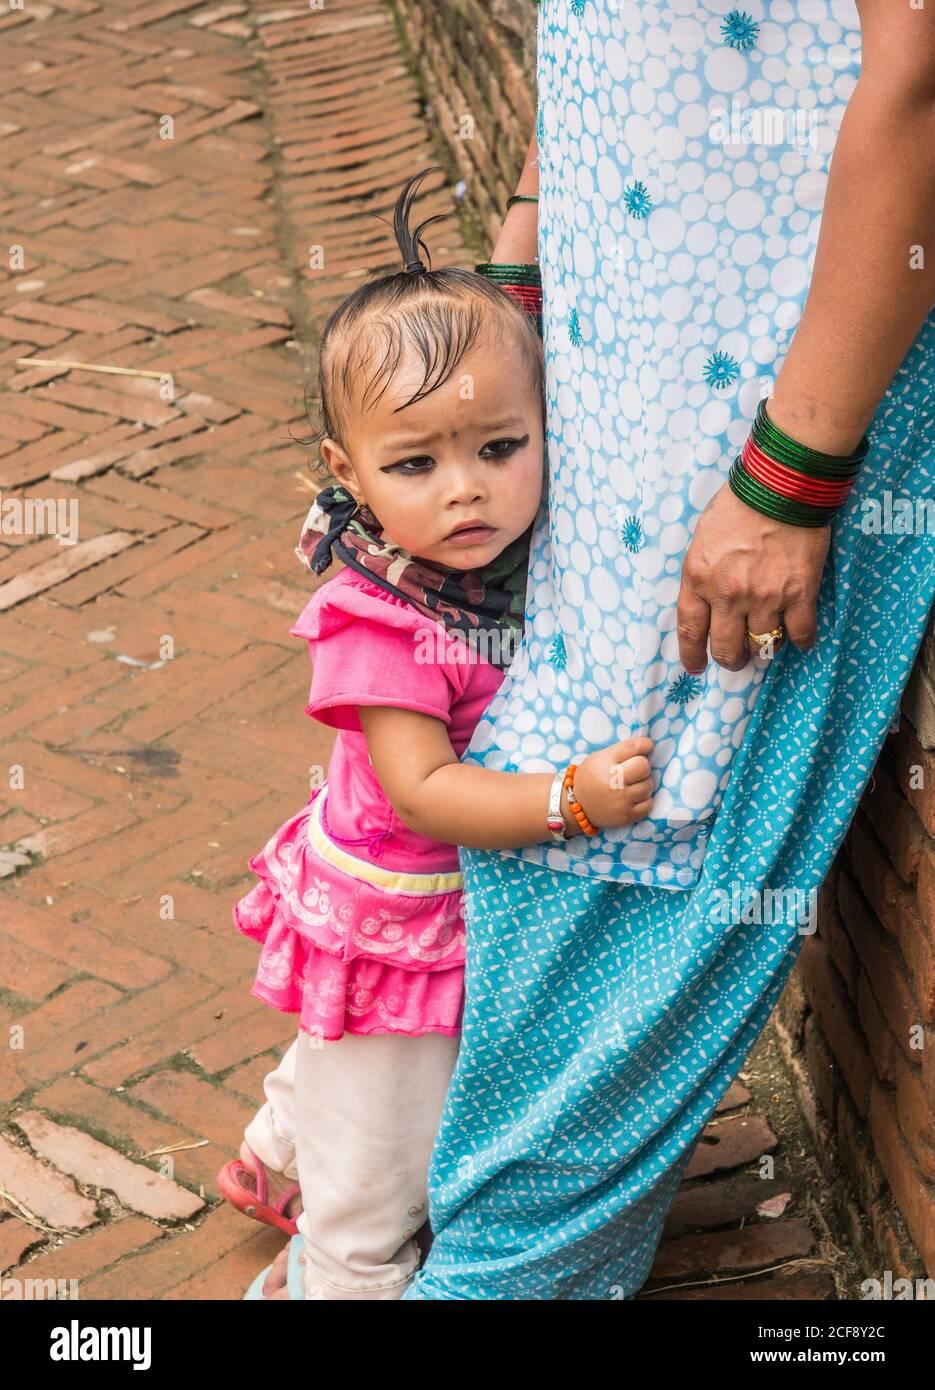 NEPAL, BHAKTAPUR - 19 DE AGOSTO de 2014: Vista lateral del niño pequeño y temeroso de la India que sostiene patas de la cosecha de la madre en la calle Foto de stock